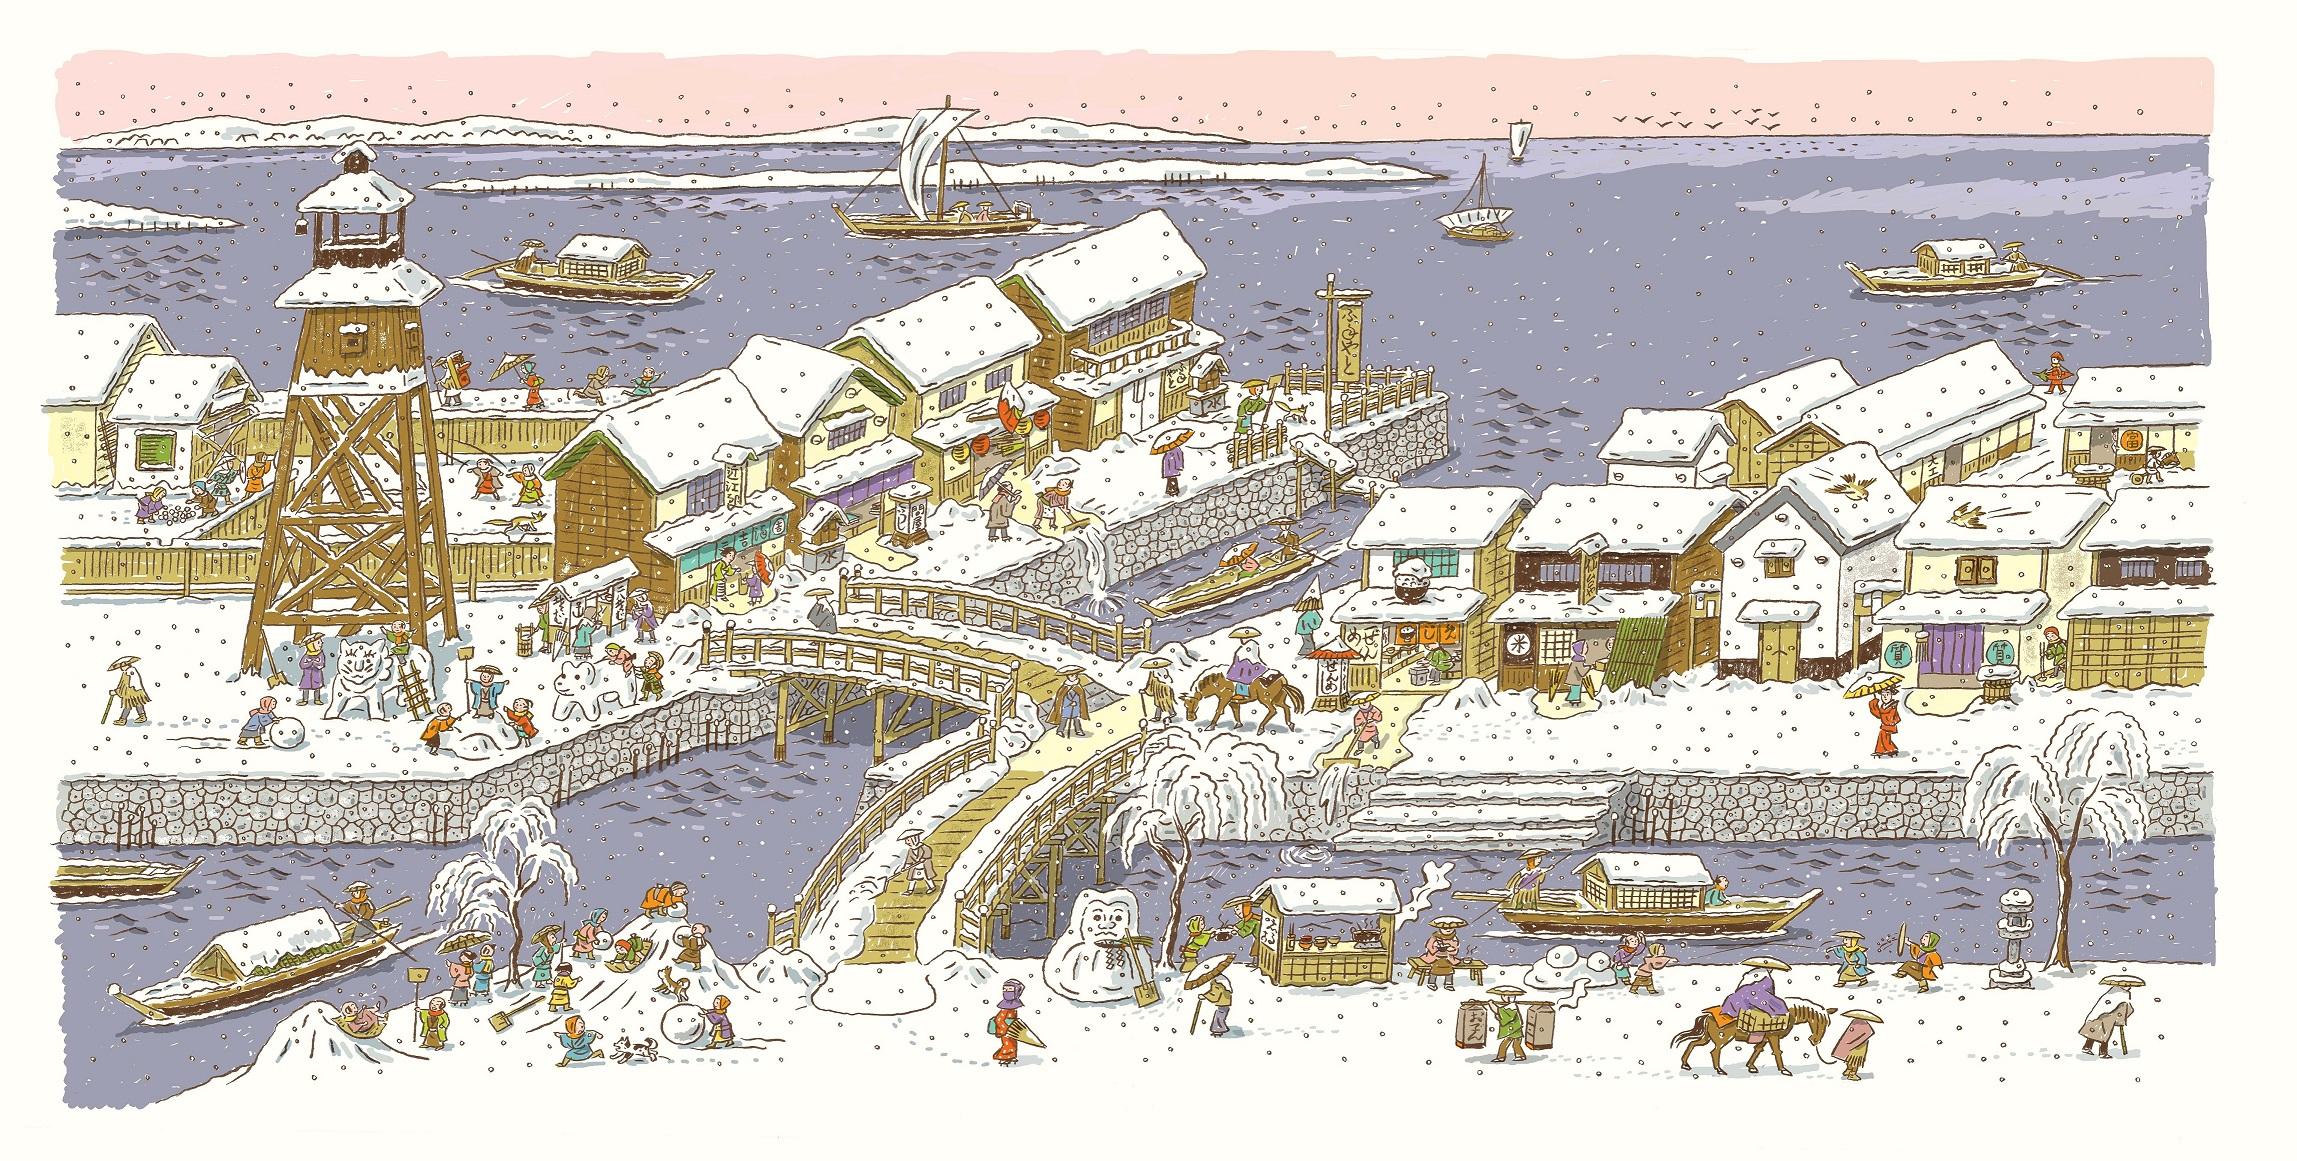 江戸の雪景色を描いたページ